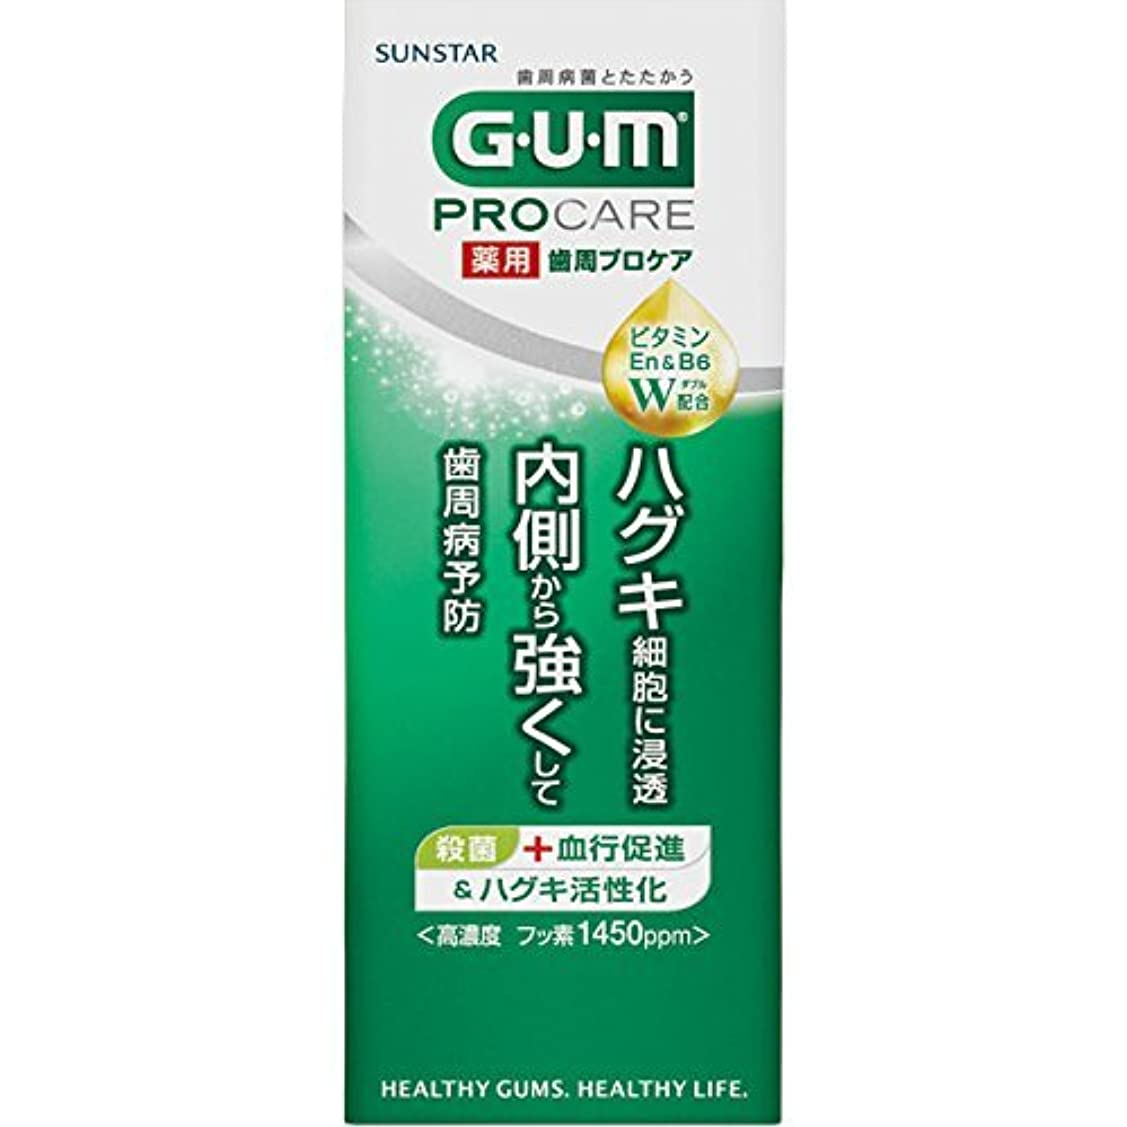 コミュニケーション連鎖プラットフォーム[医薬部外品] GUM(ガム) 歯周プロケア 歯みがき 50g <歯周病予防 ハグキケア 高濃度フッ素配合1,450ppm>